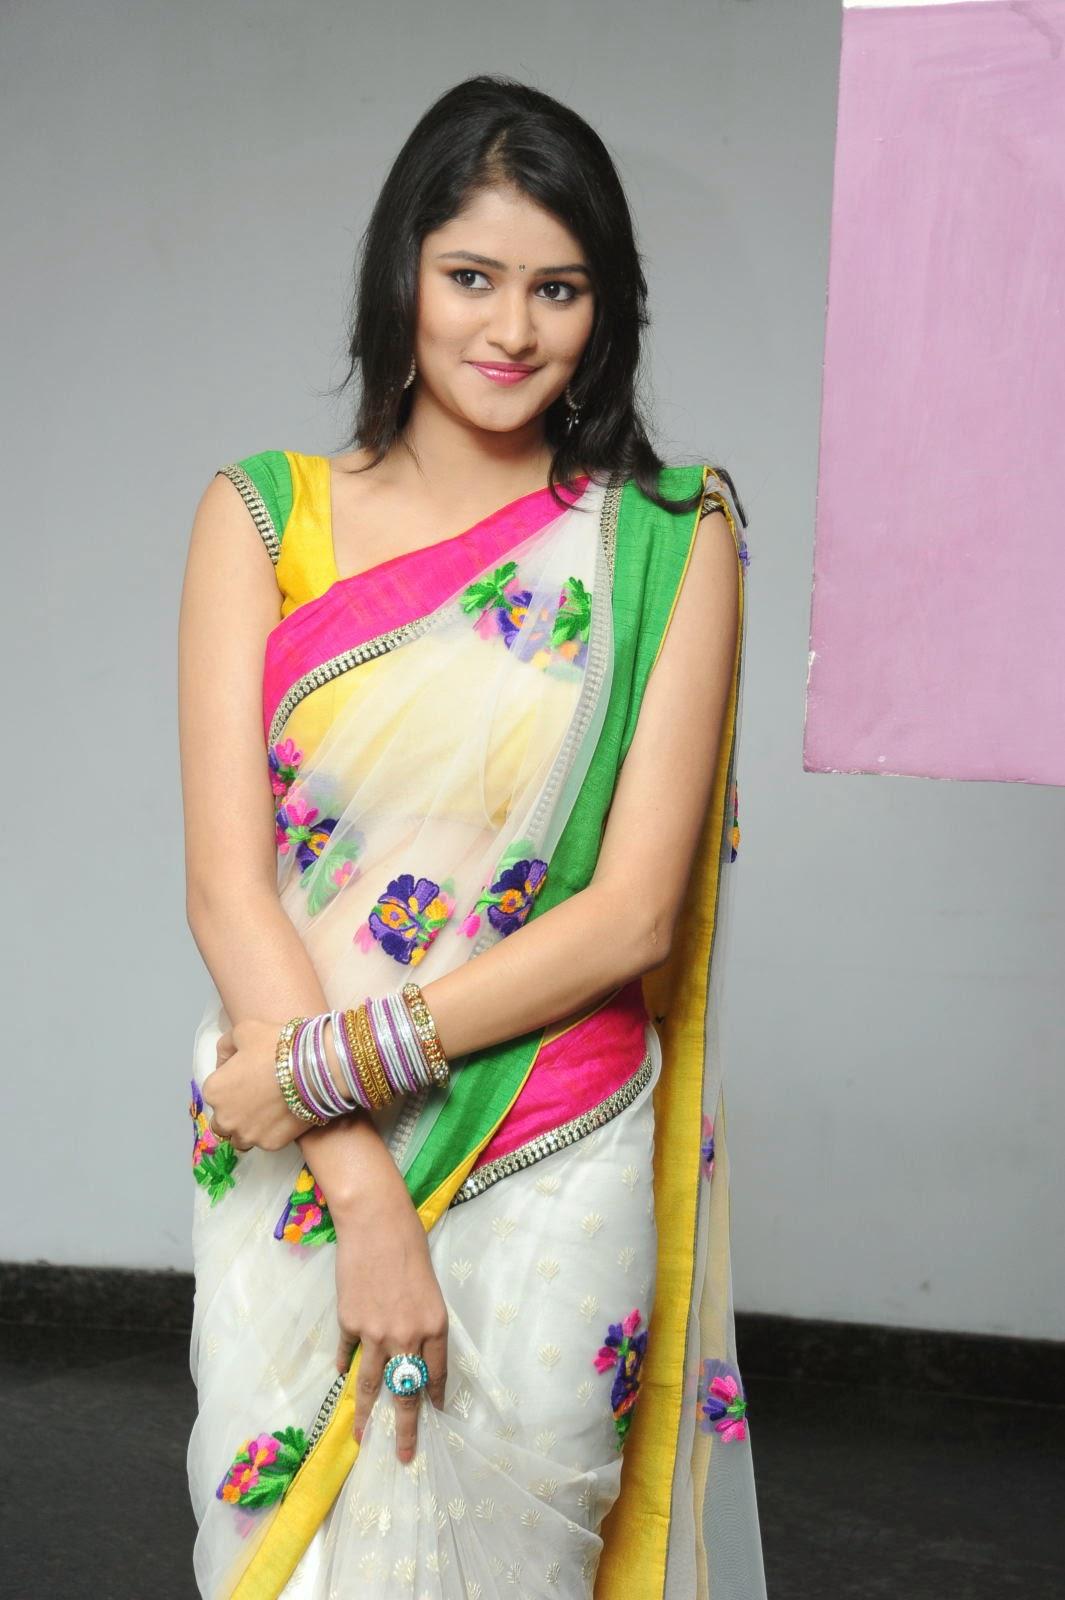 Kushi glamorous saree photos-HQ-Photo-19